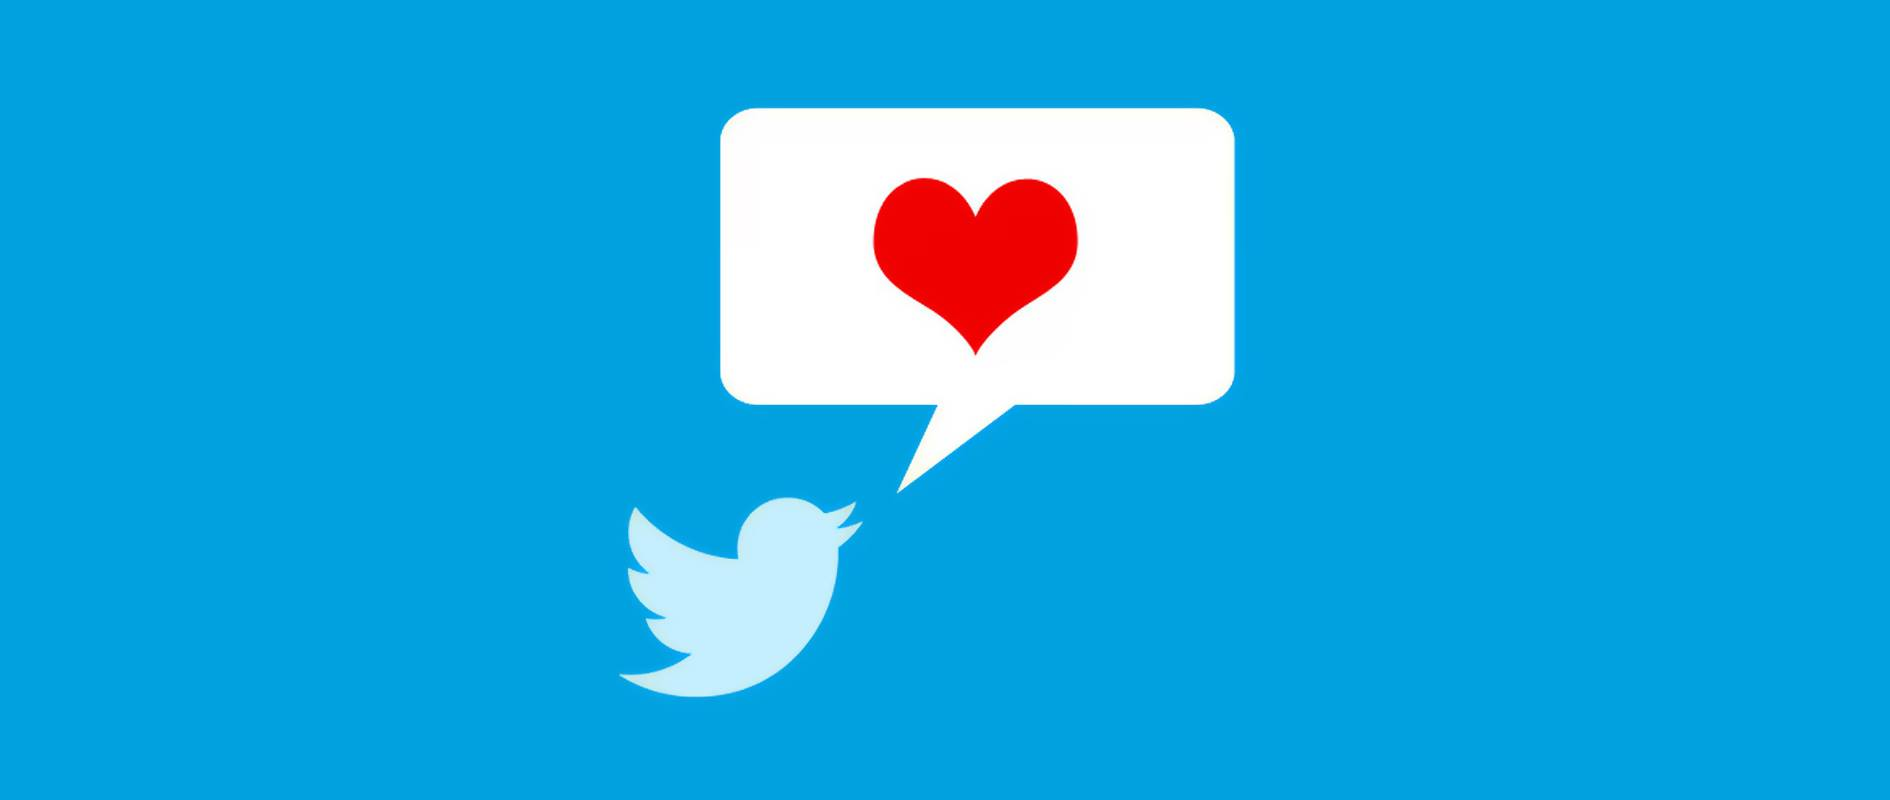 İşinizi Twitterda Tanıtmanın Yolları